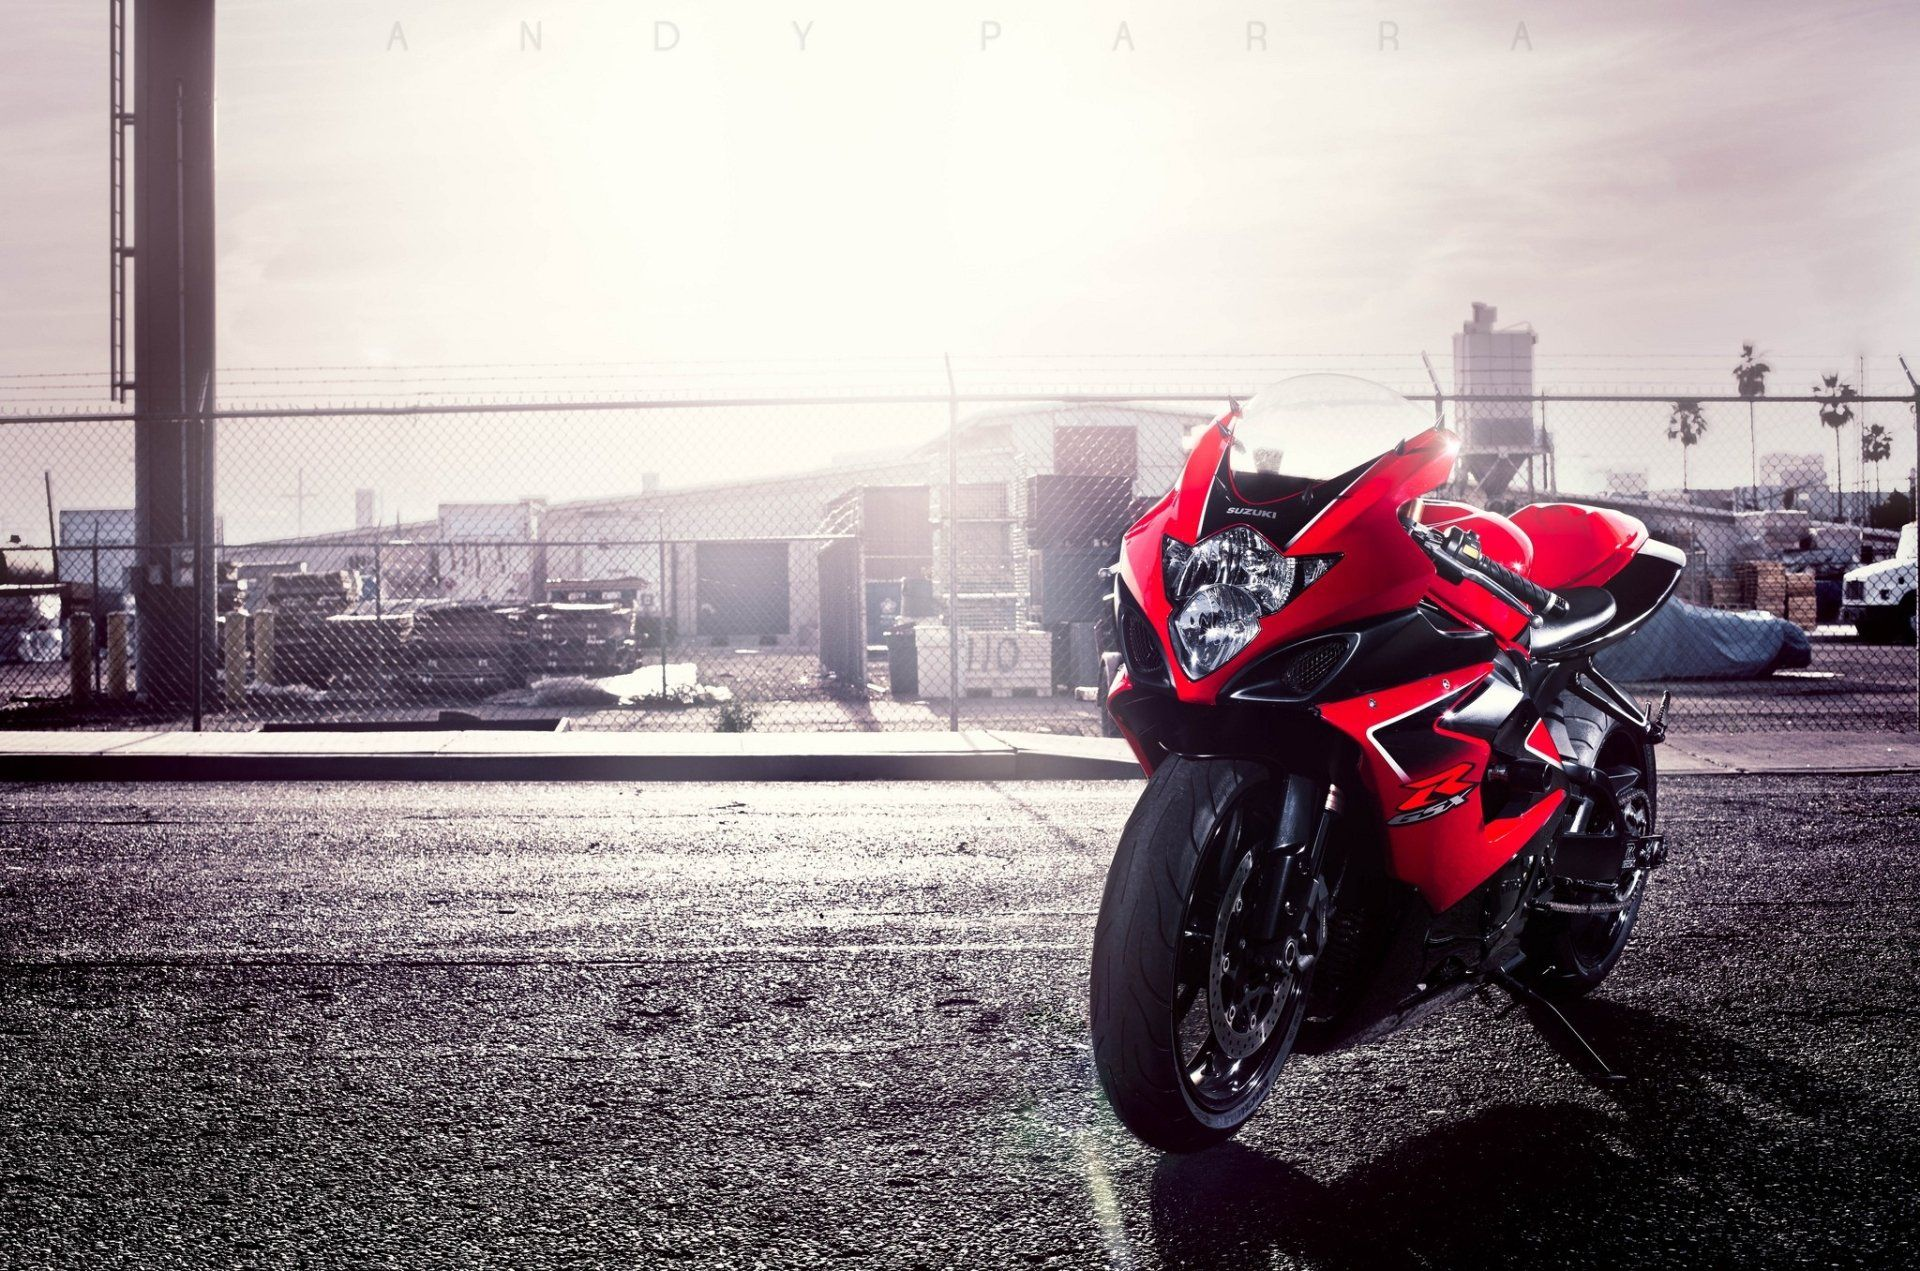 Veículos Motorcycle Papel De Parede Gsx Suzuki Motos Suzuki Motos Esportivas